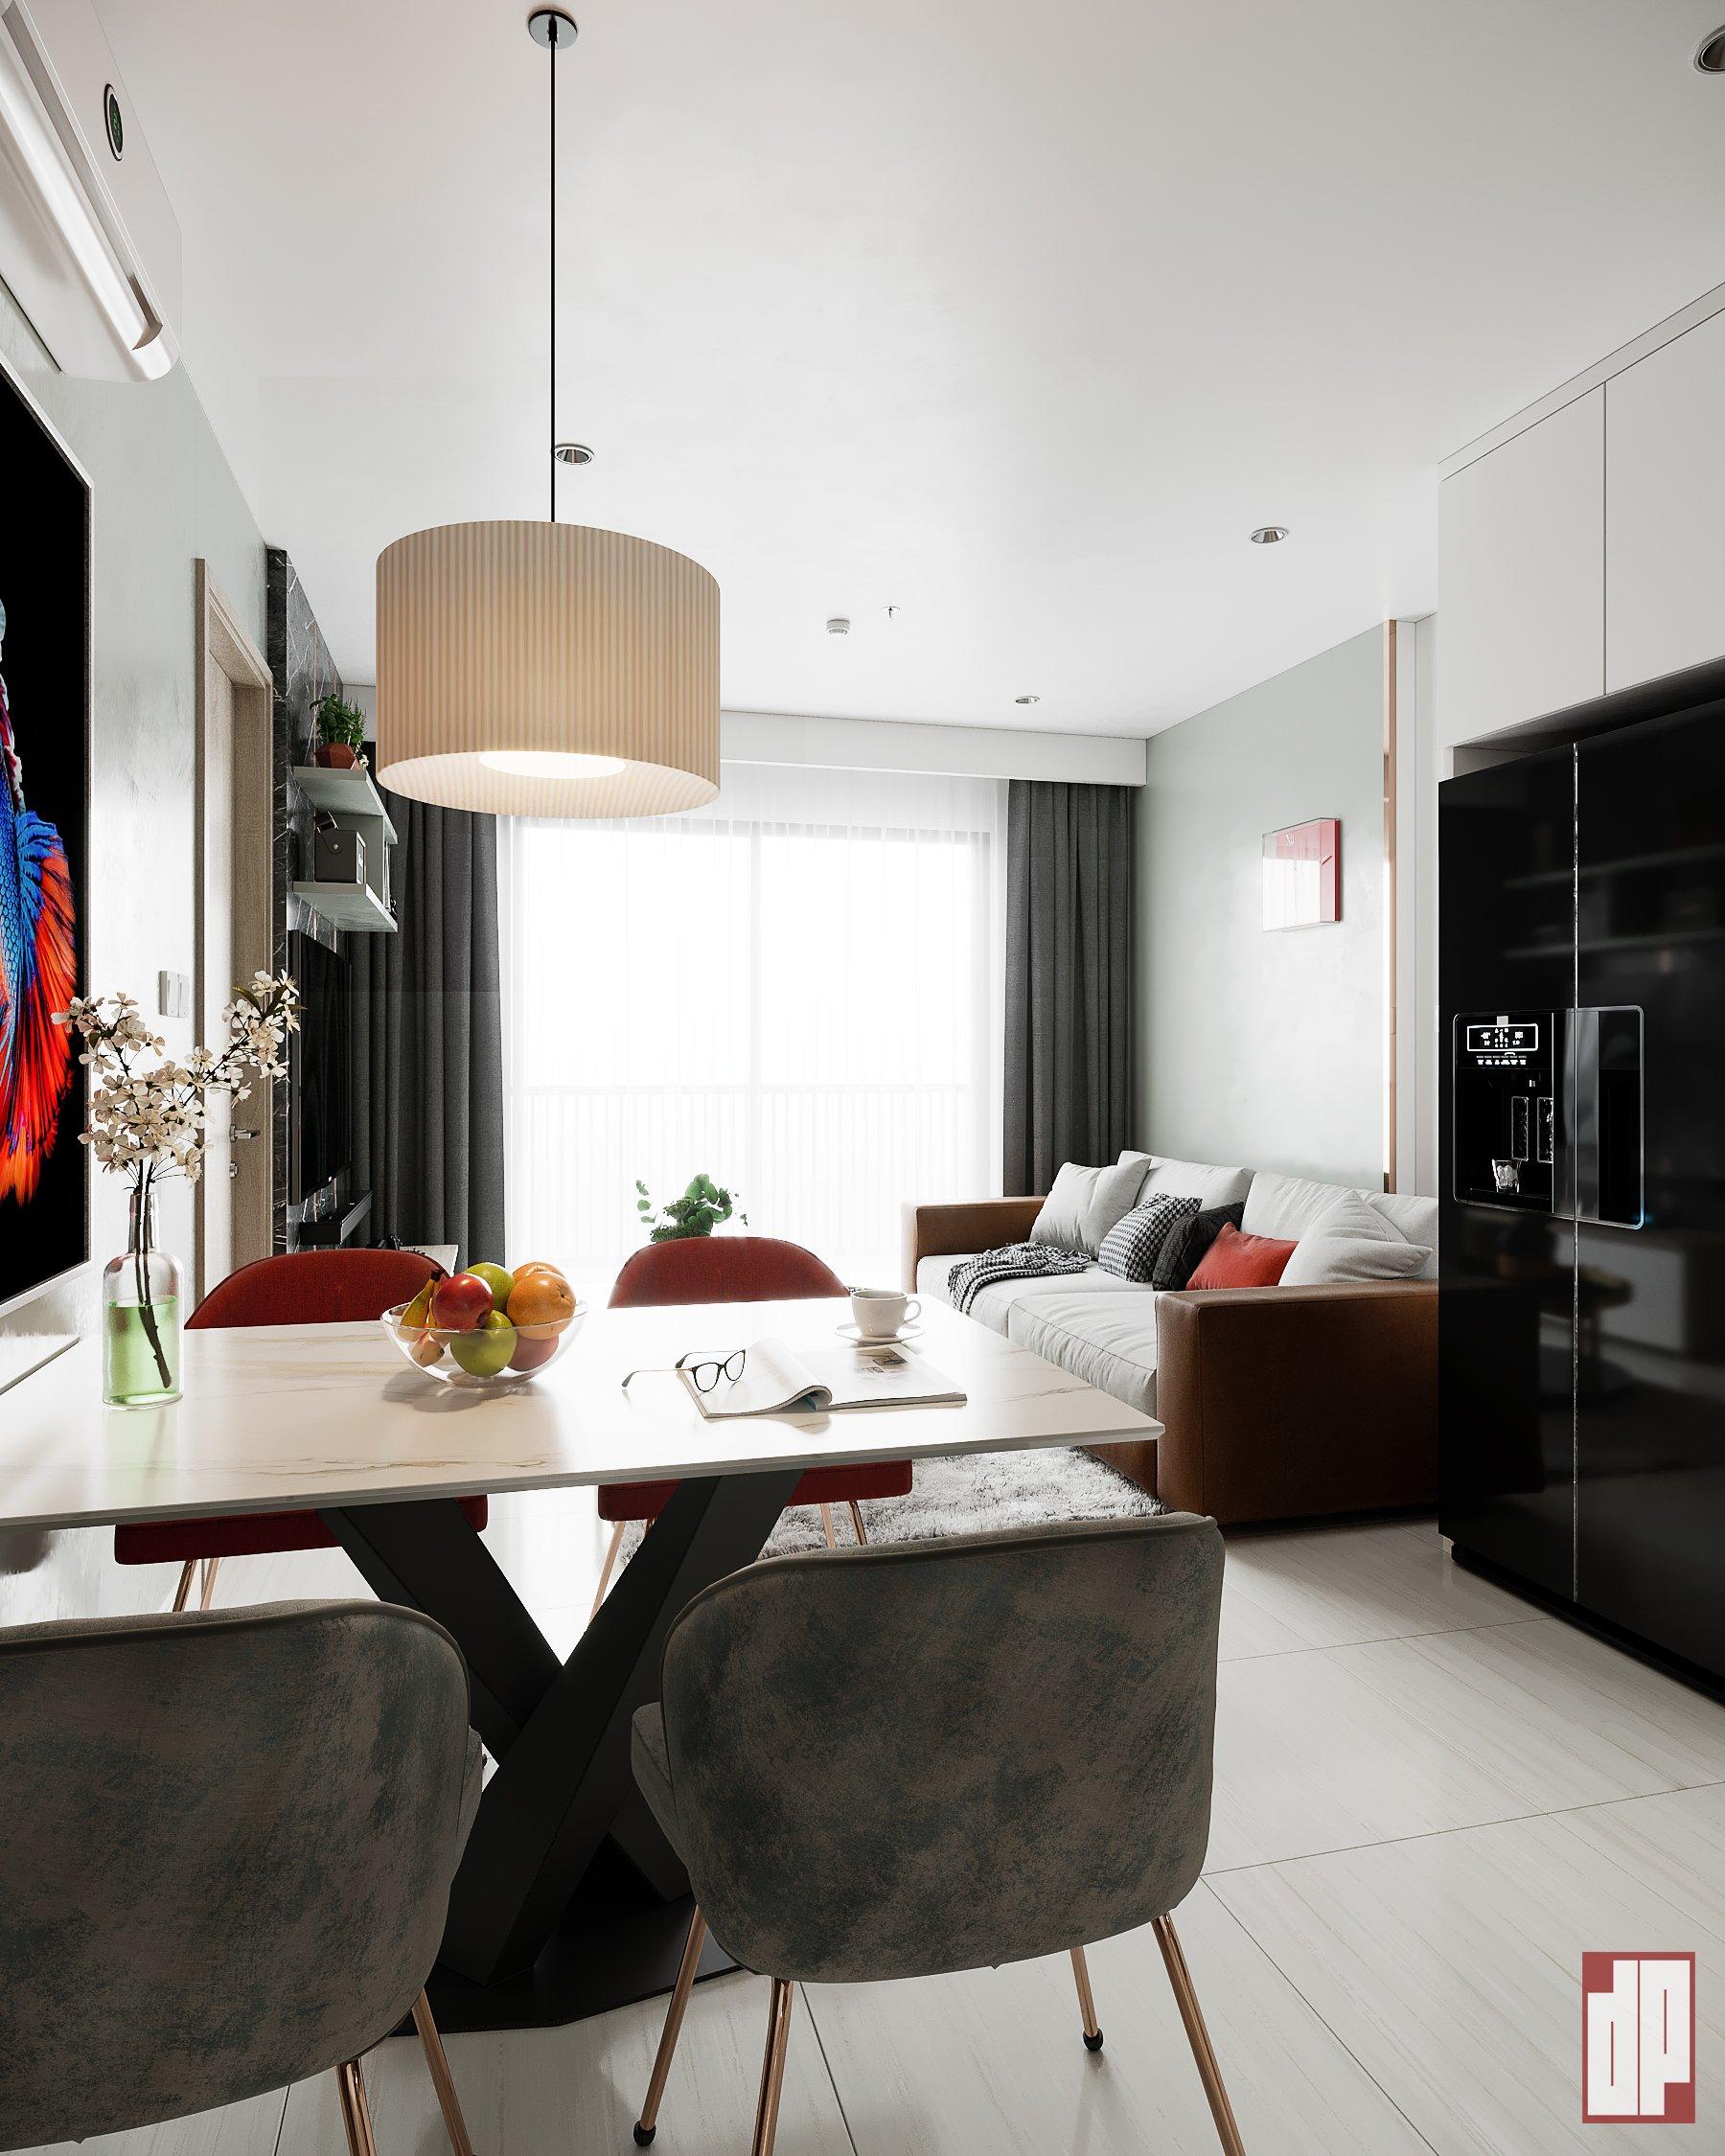 Thiết kế nội thất Chung Cư tại Hồ Chí Minh CHUNG CU VINHOME CENTRAL PARK-Q9 1630423857 6